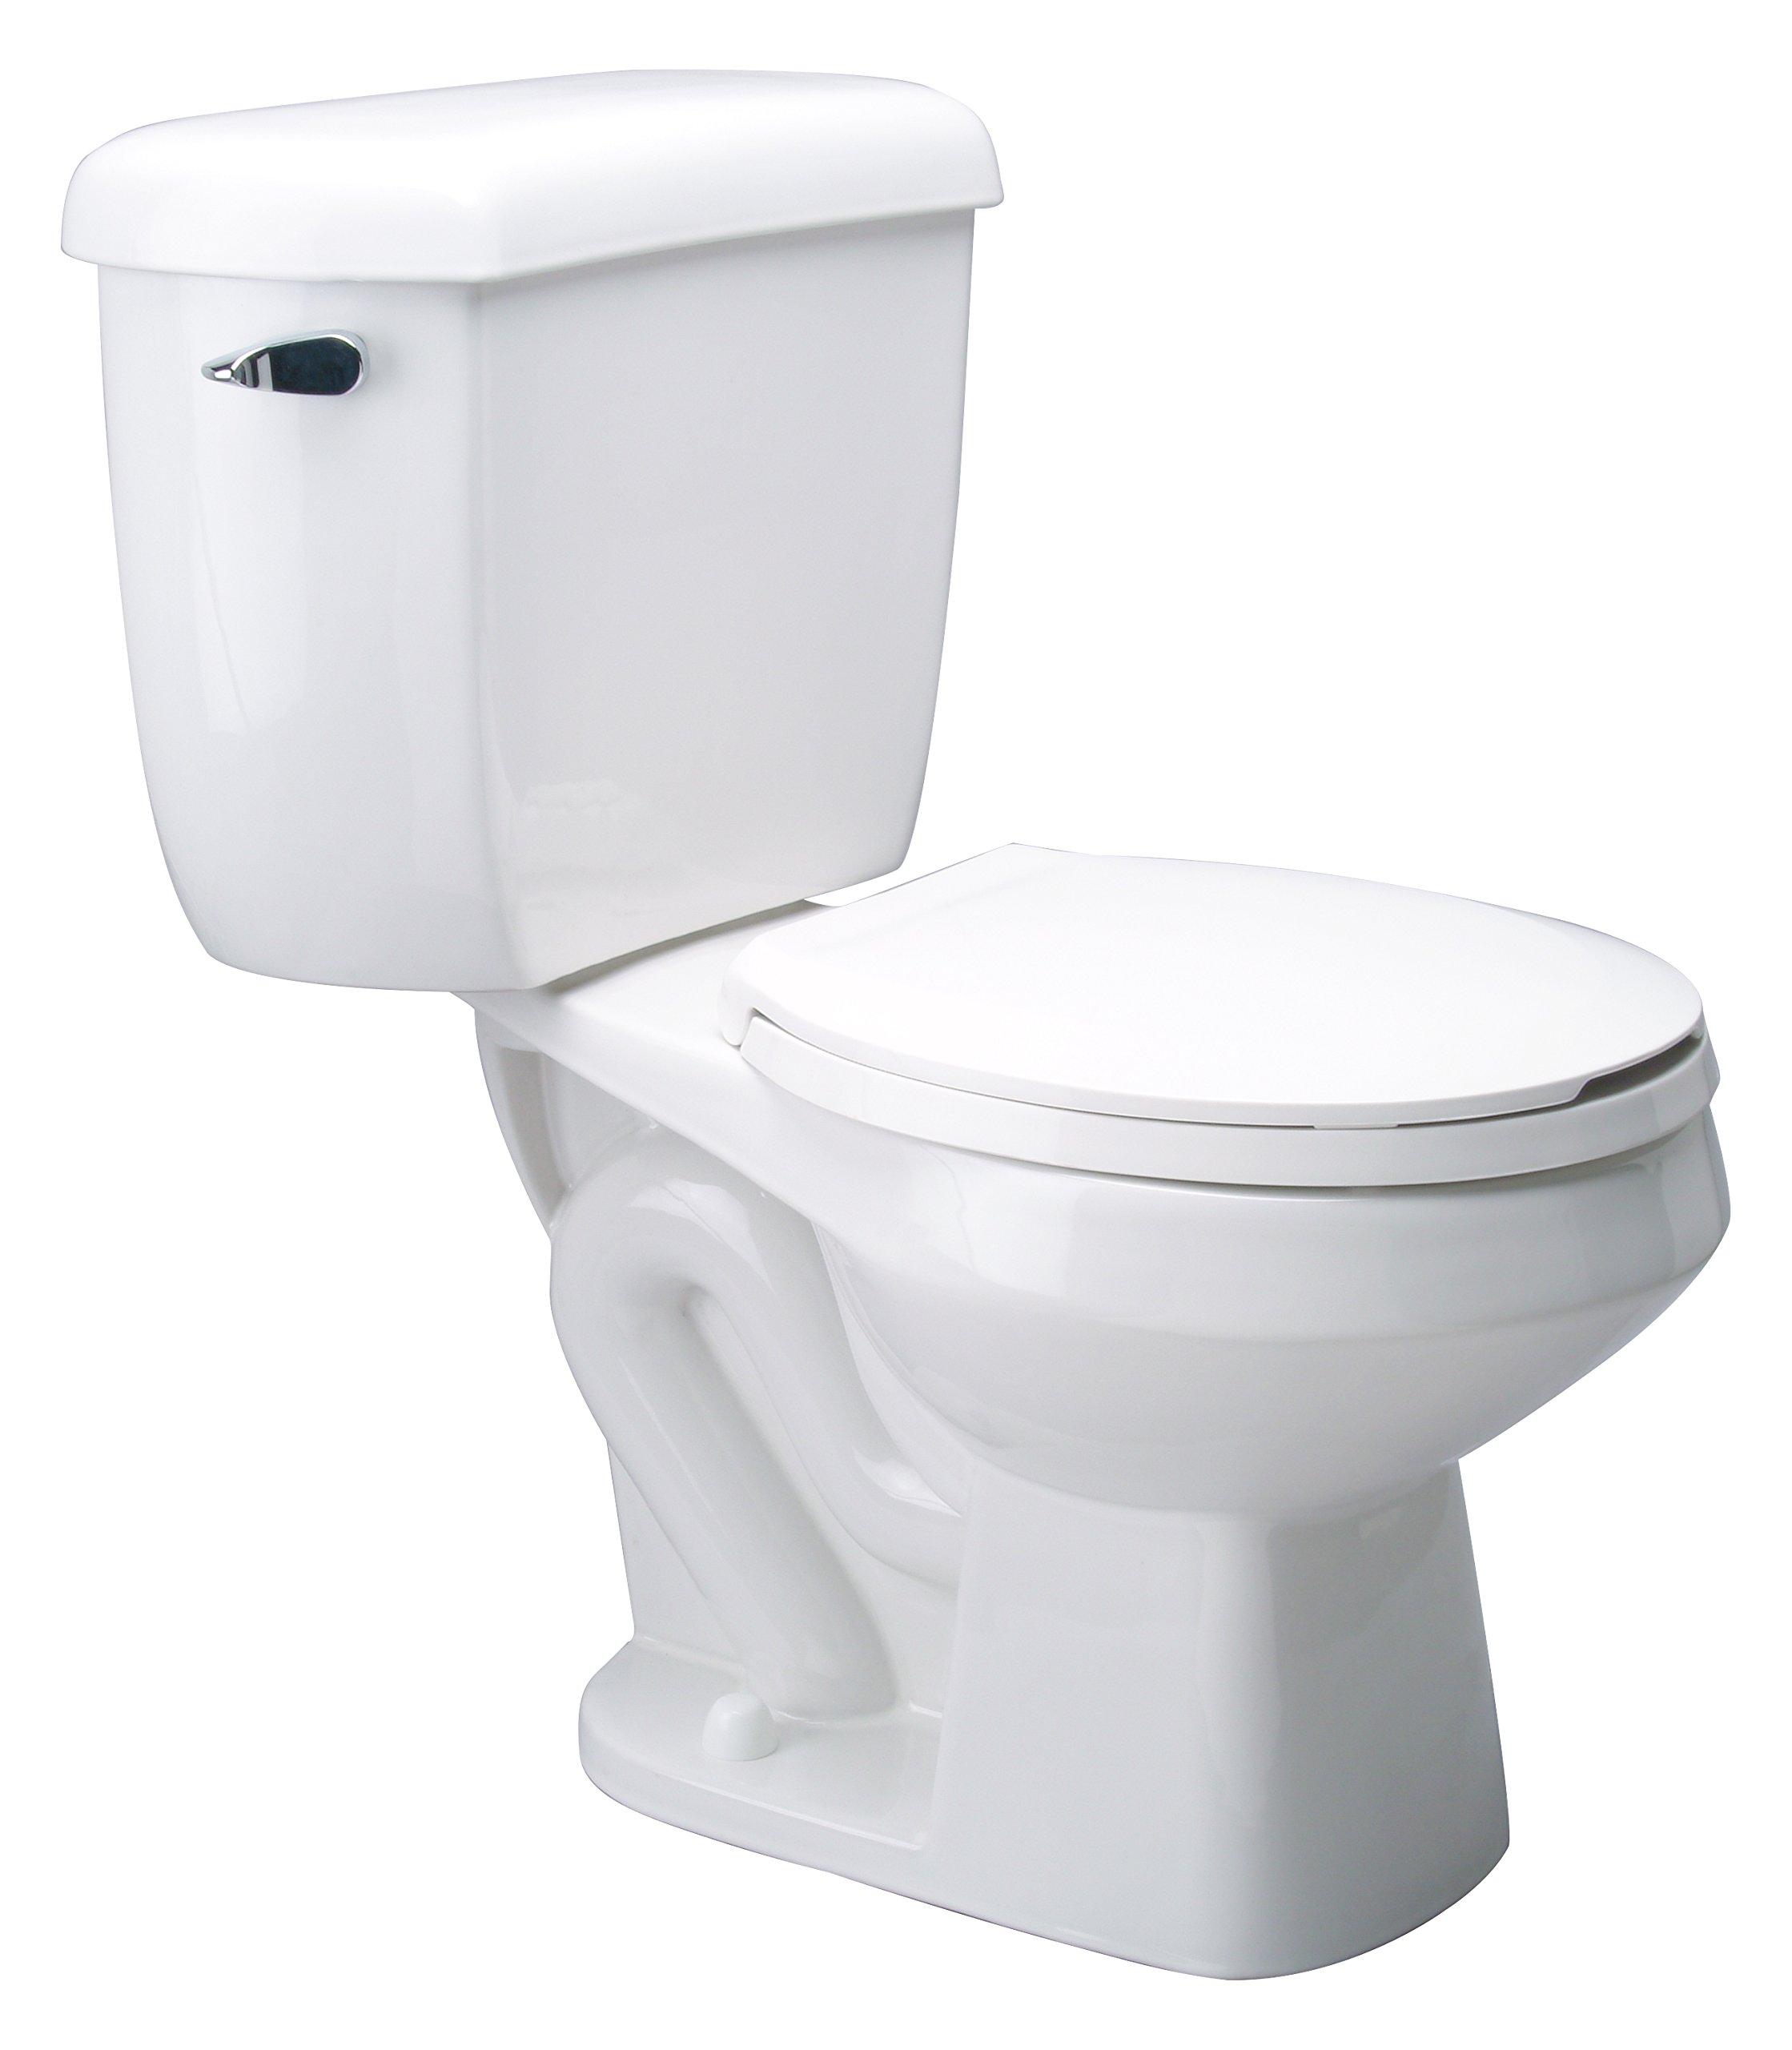 Zurn Z5577 Dual Flush, Round Front Pressure Assist, 1.6/1.0 gpf, Two-Piece Toilet